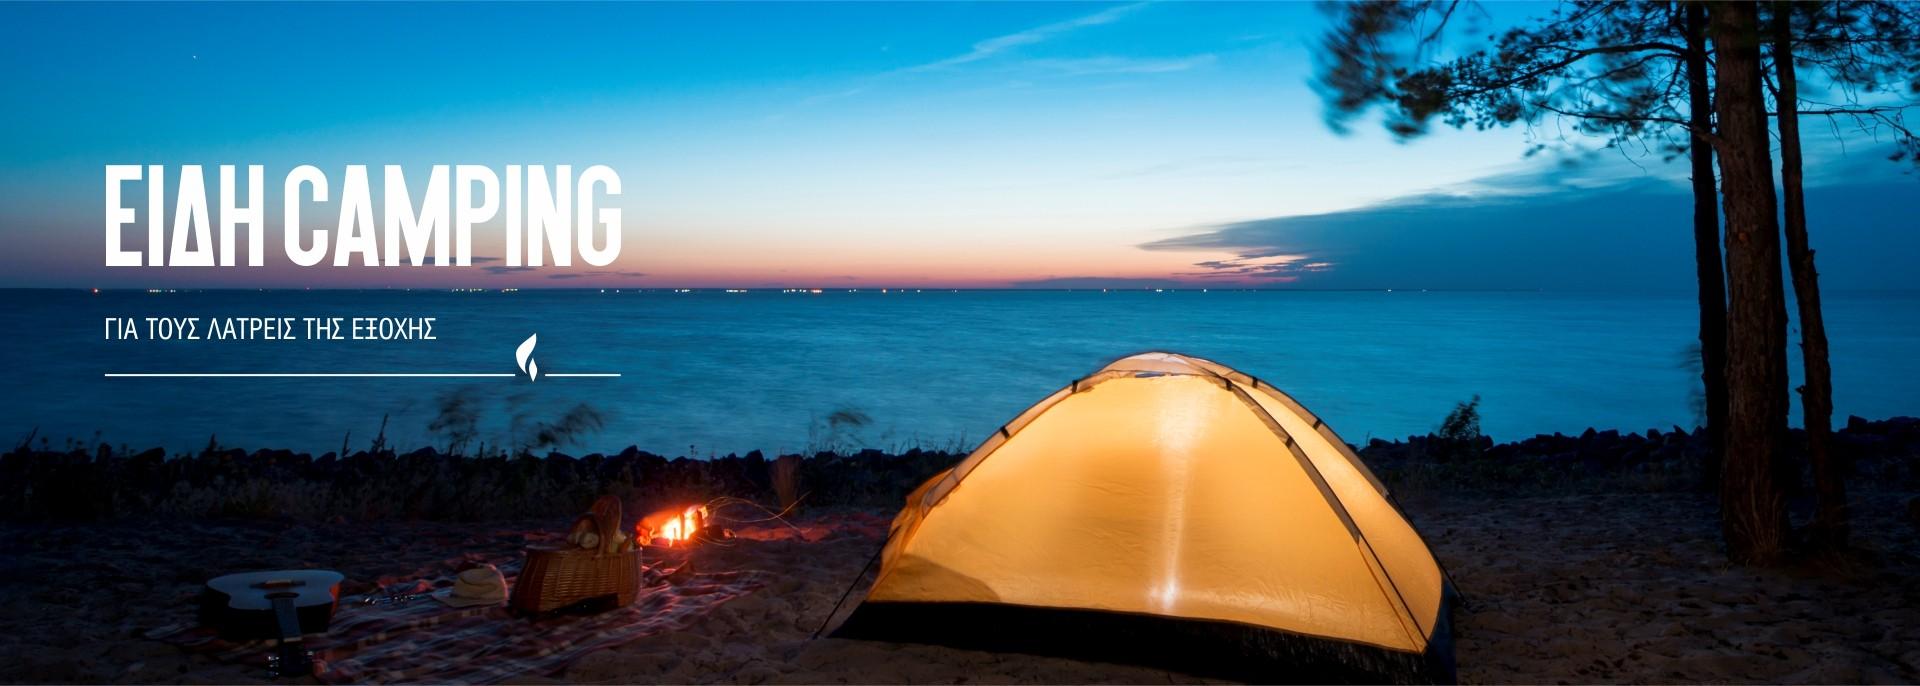 Είδη Camping